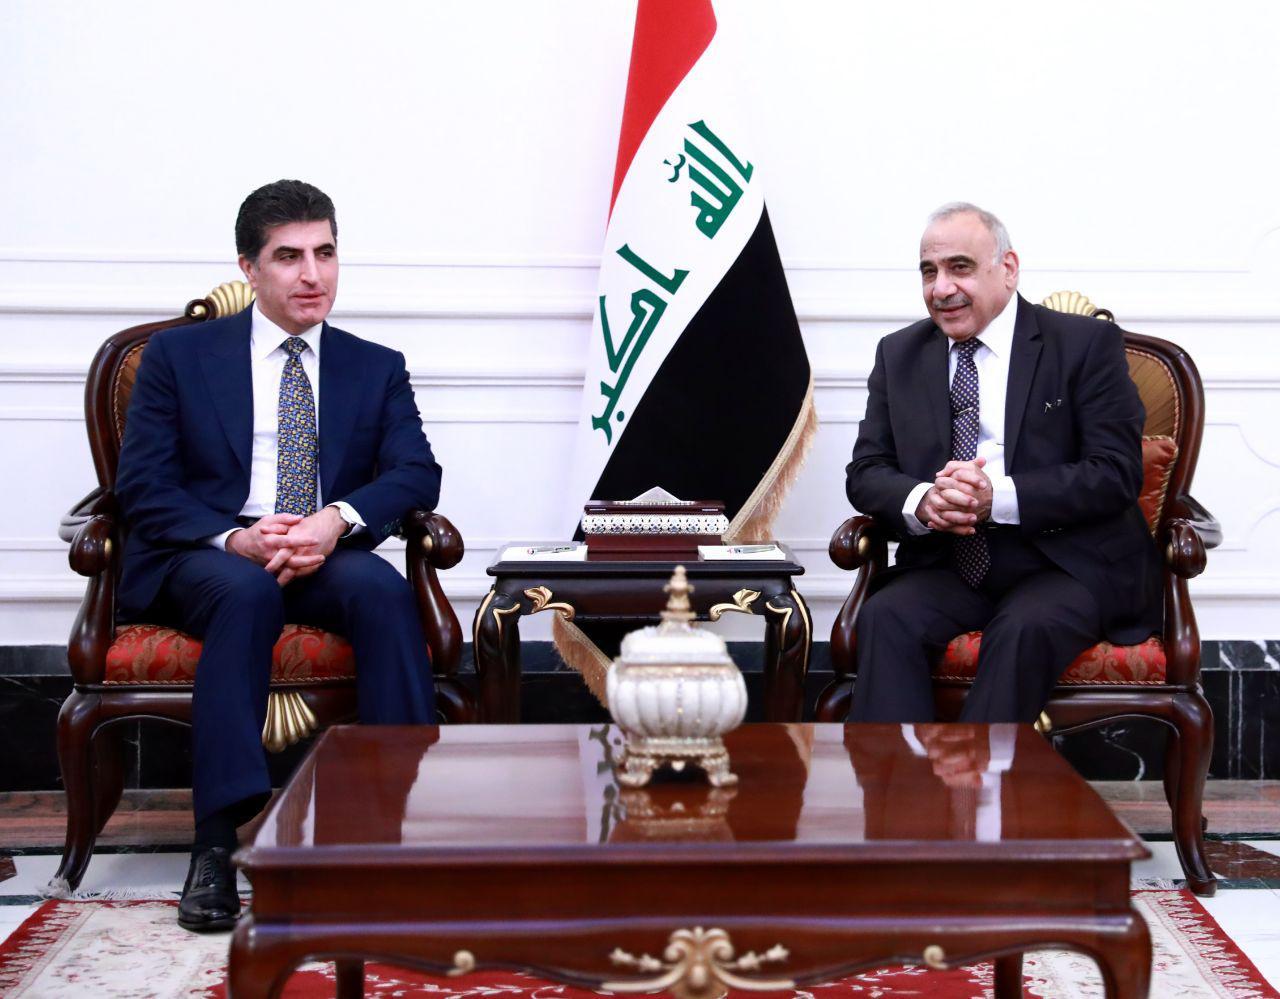 حداد يفصح عن رسالة حملها بارزاني الى بغداد ويكشف مفادها